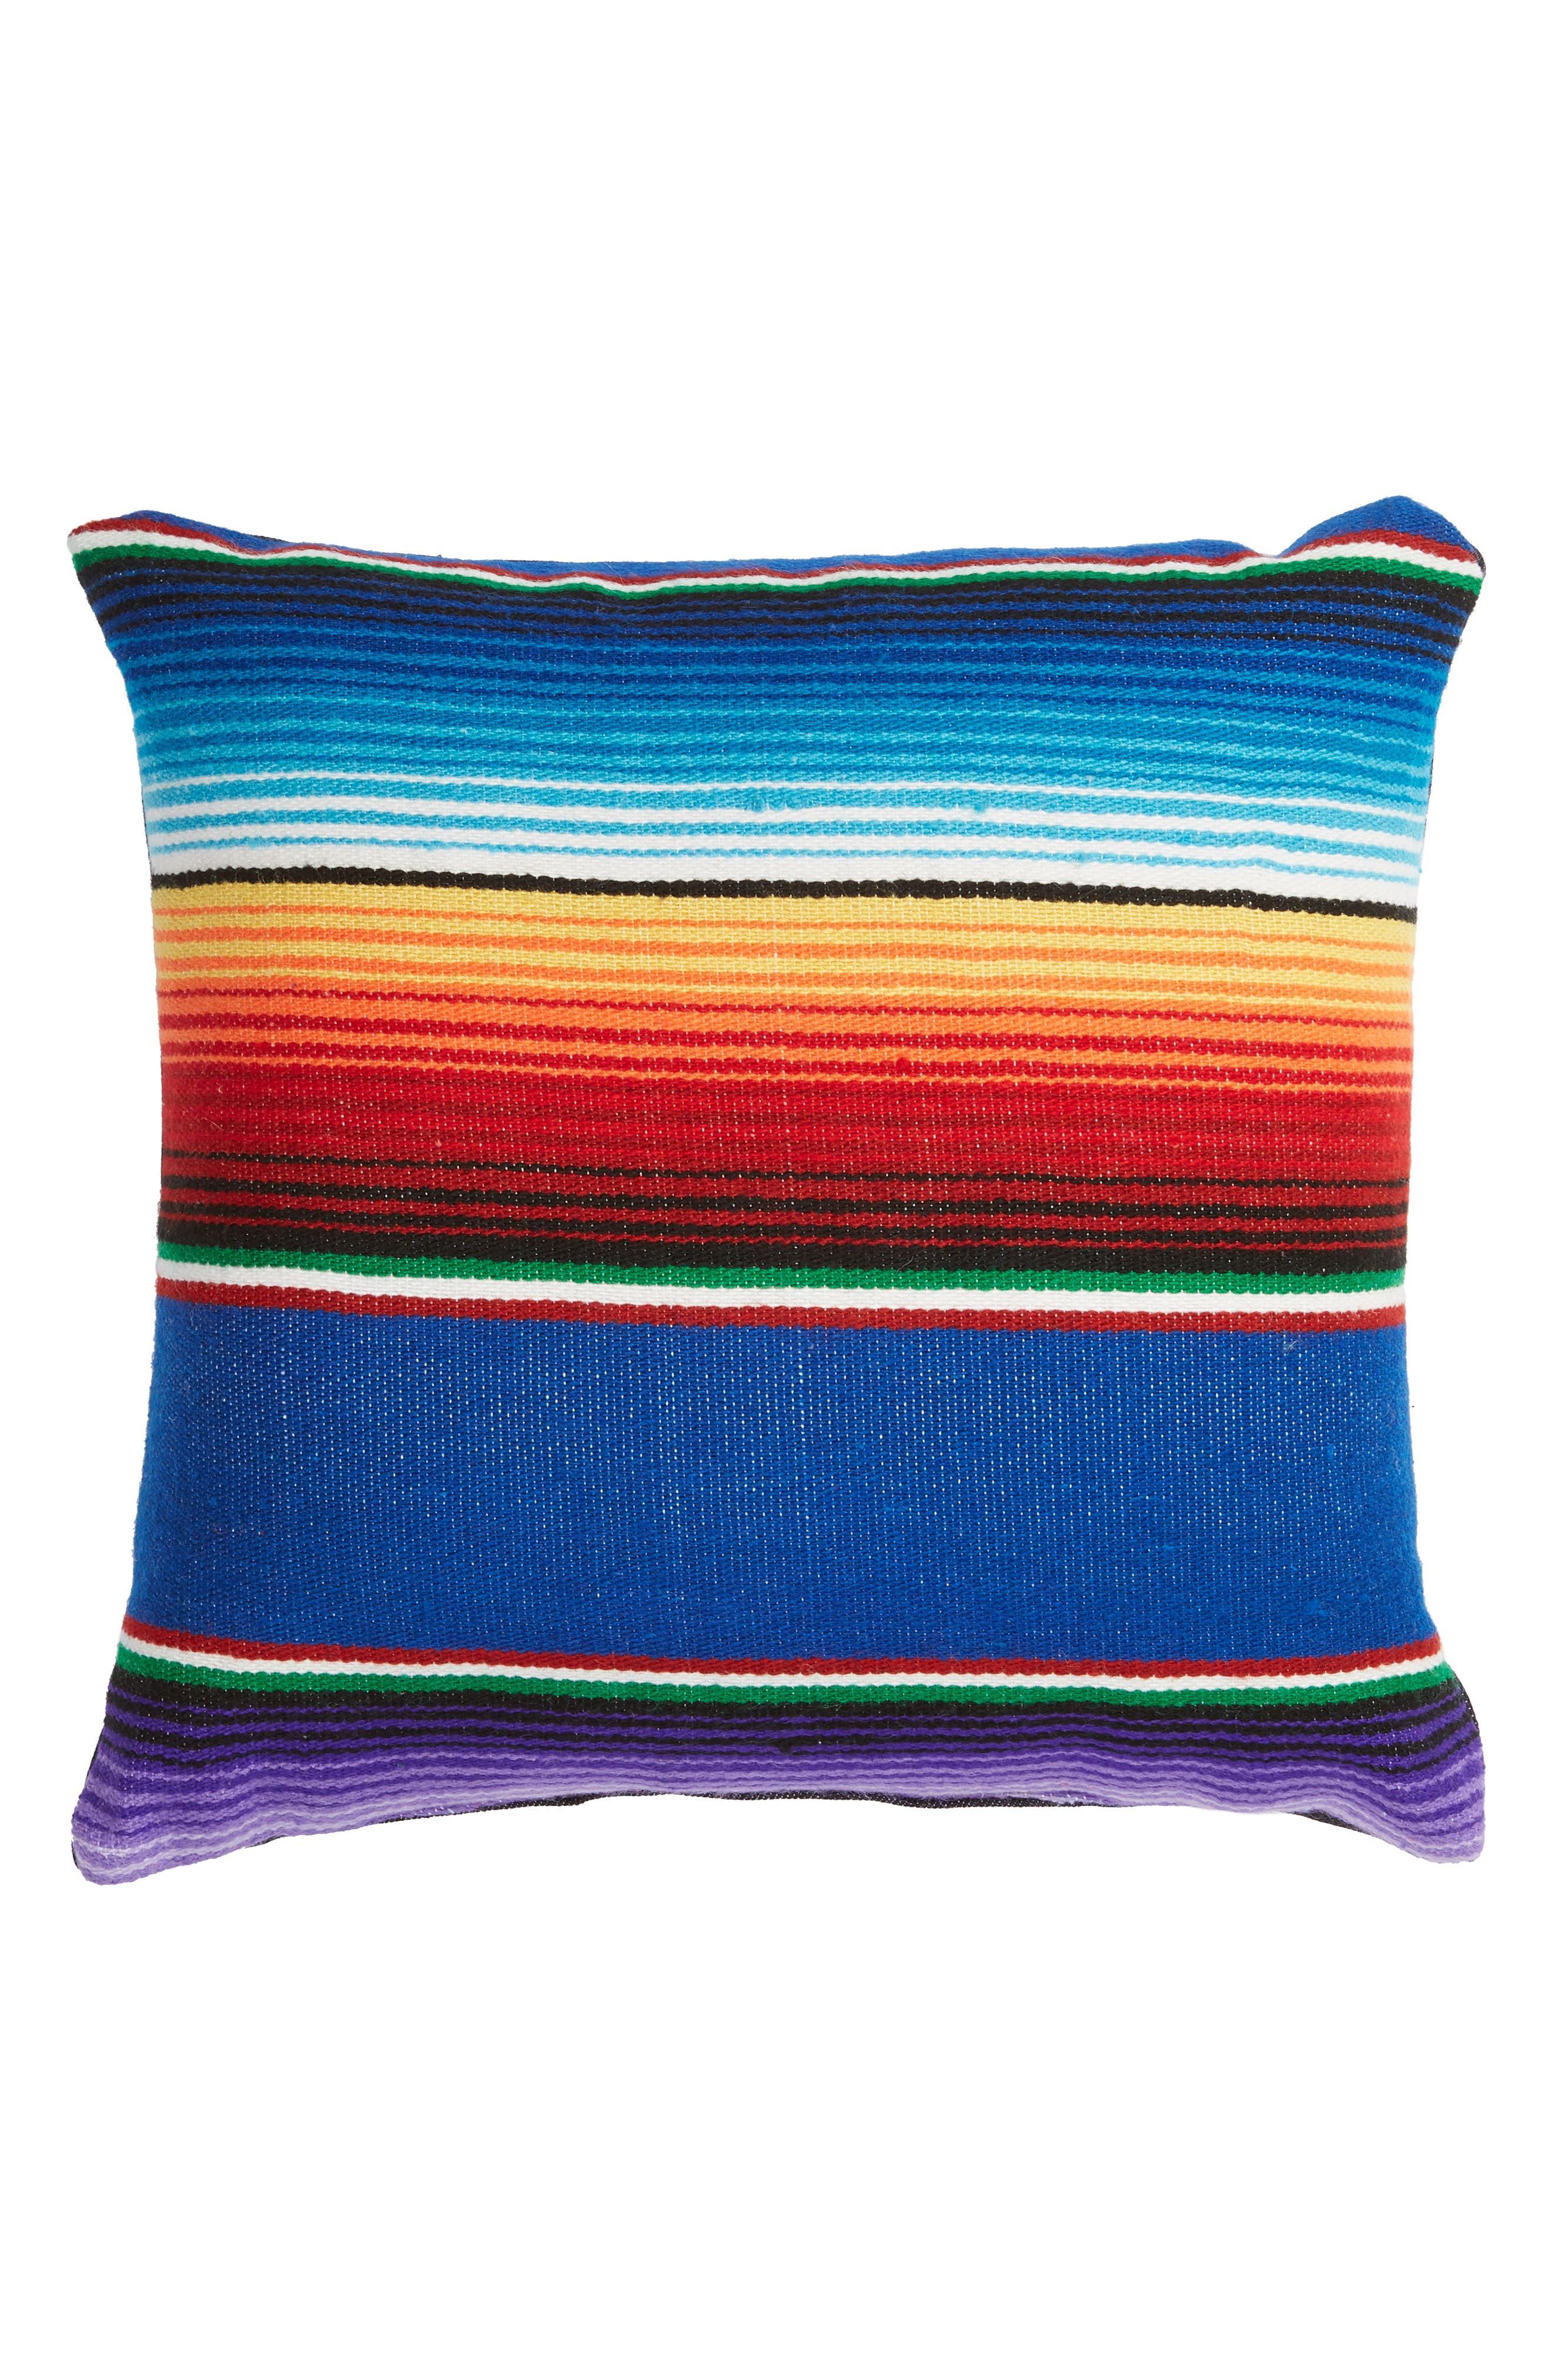 Small Salito Serape Square Accent Pillow,                         Main,                         color, BLUE/ AZULE